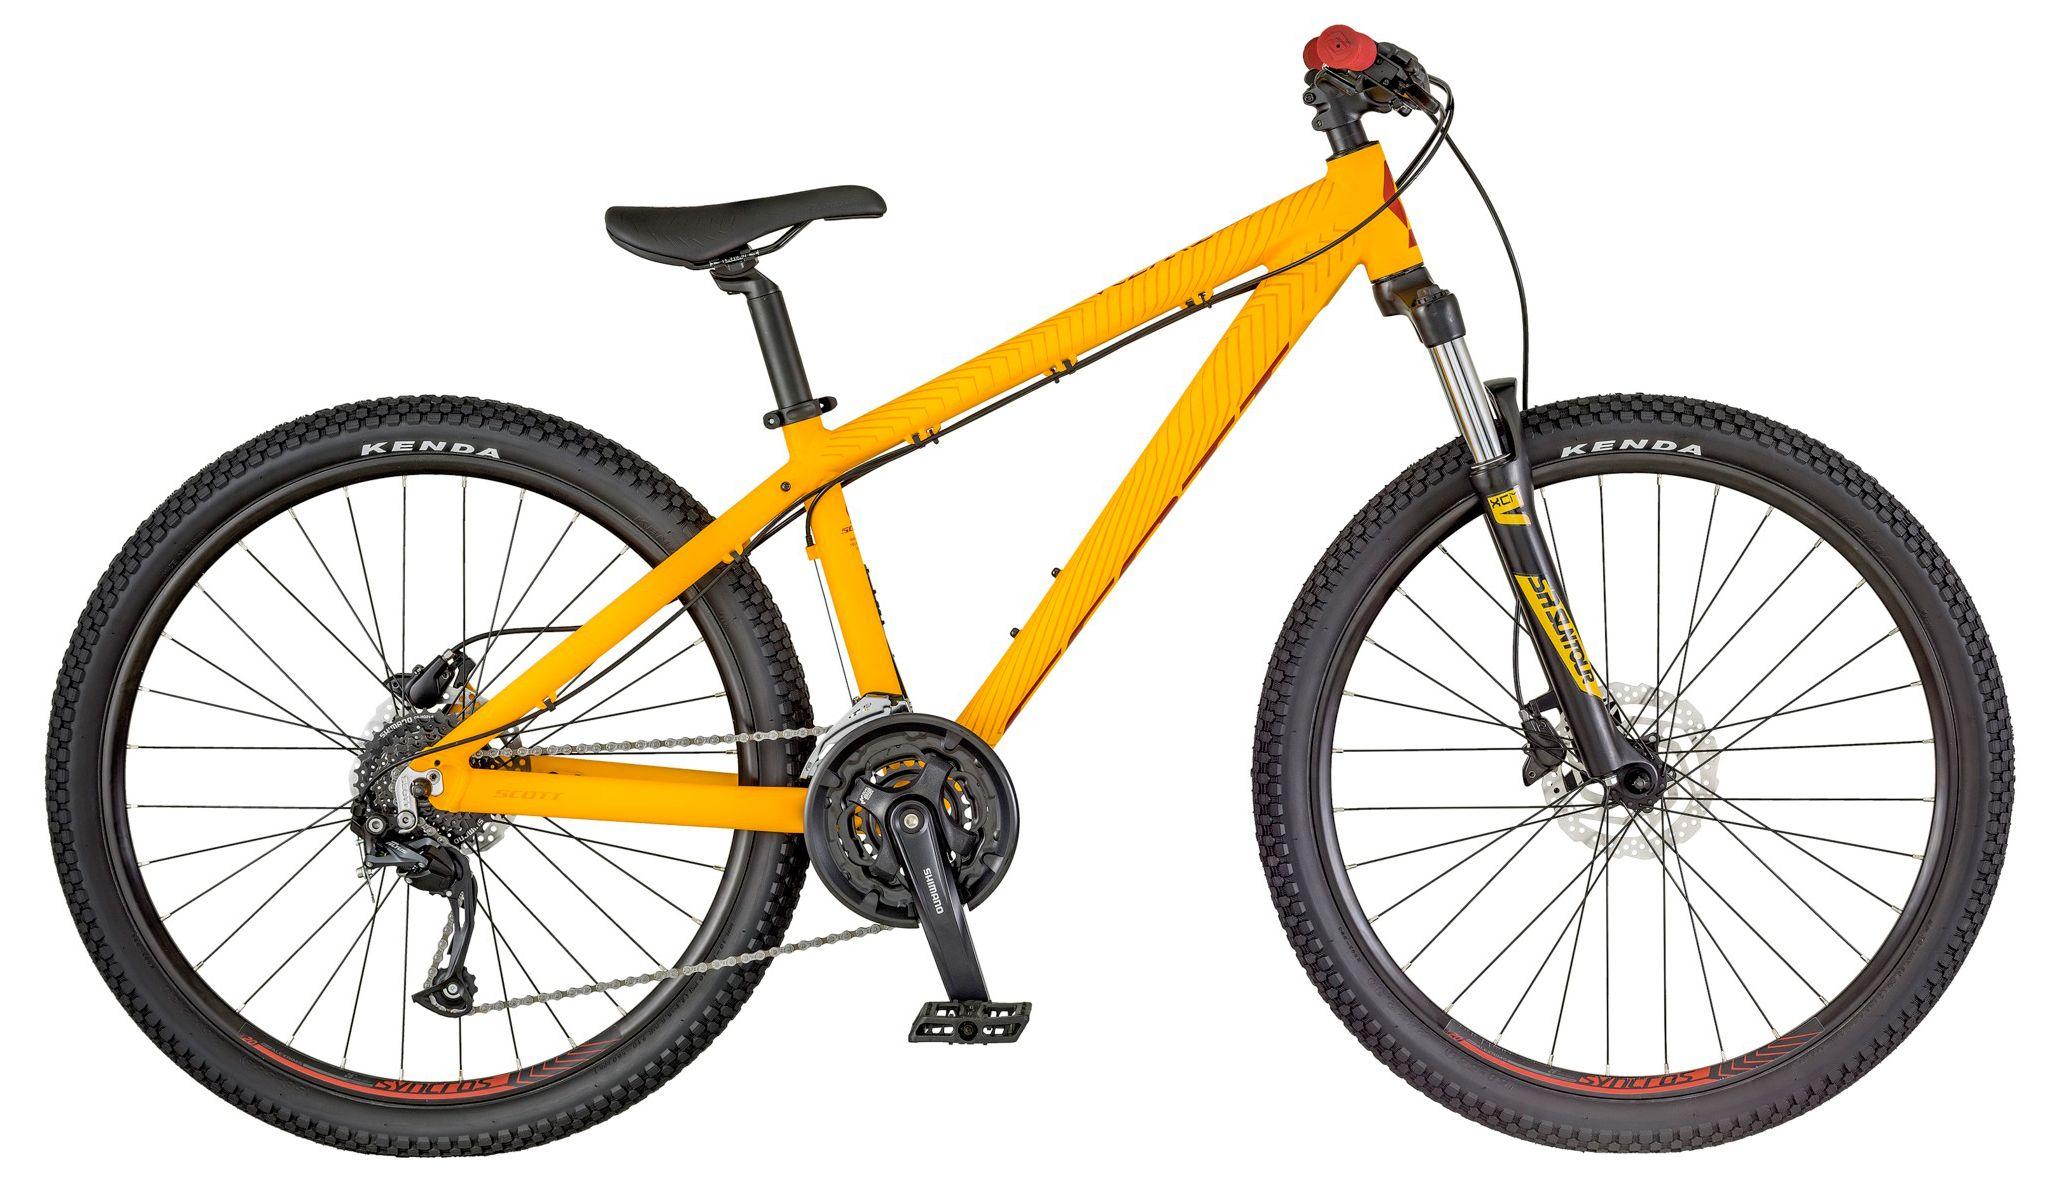 Велосипед Scott Voltage YZ 10 2018 l78 l79 lm317t triode voltage regulators black 10 pcs